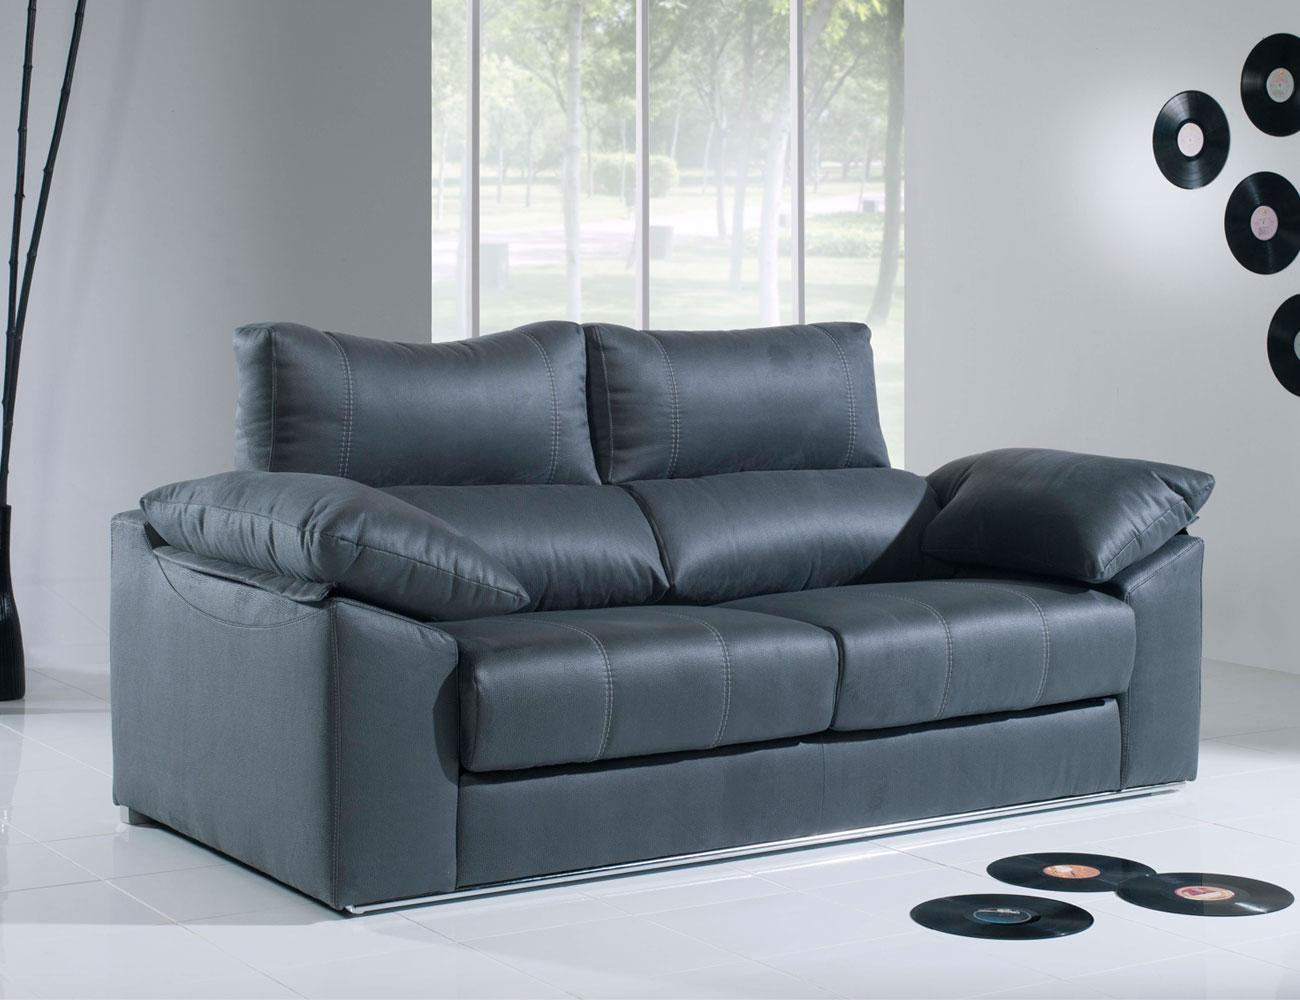 Sofa 3 plazas moderno con barra42